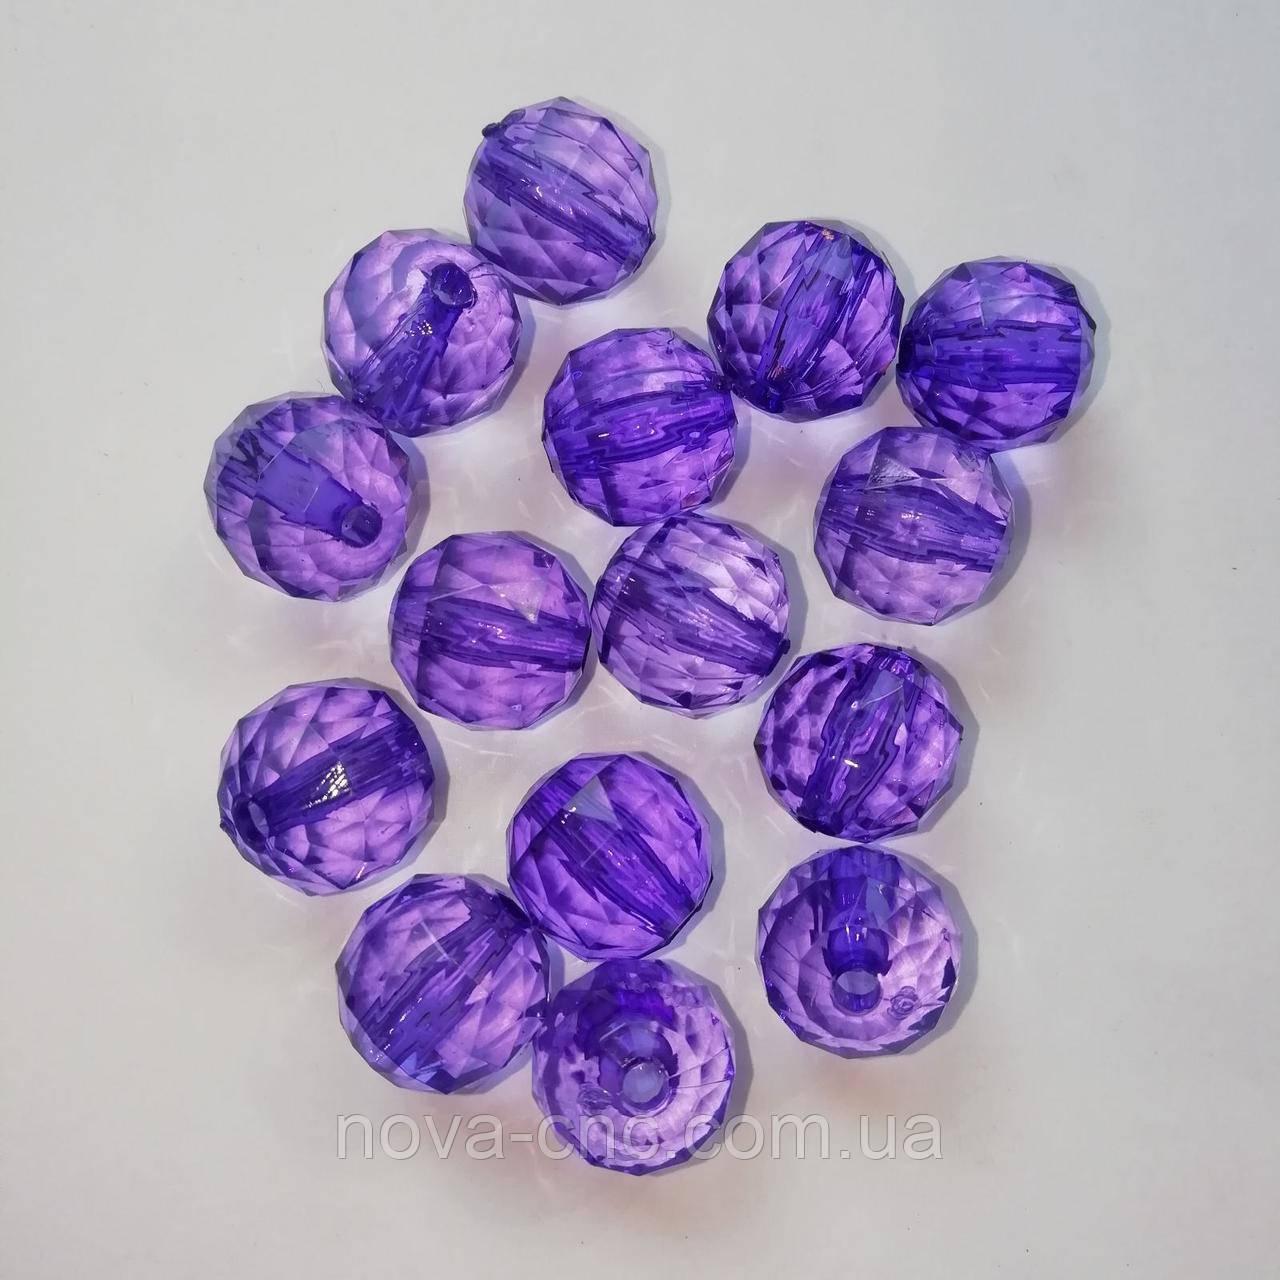 """Намистини акрил """"Куля трикутна грань"""" фіолетовий 15 мм 500 грам"""